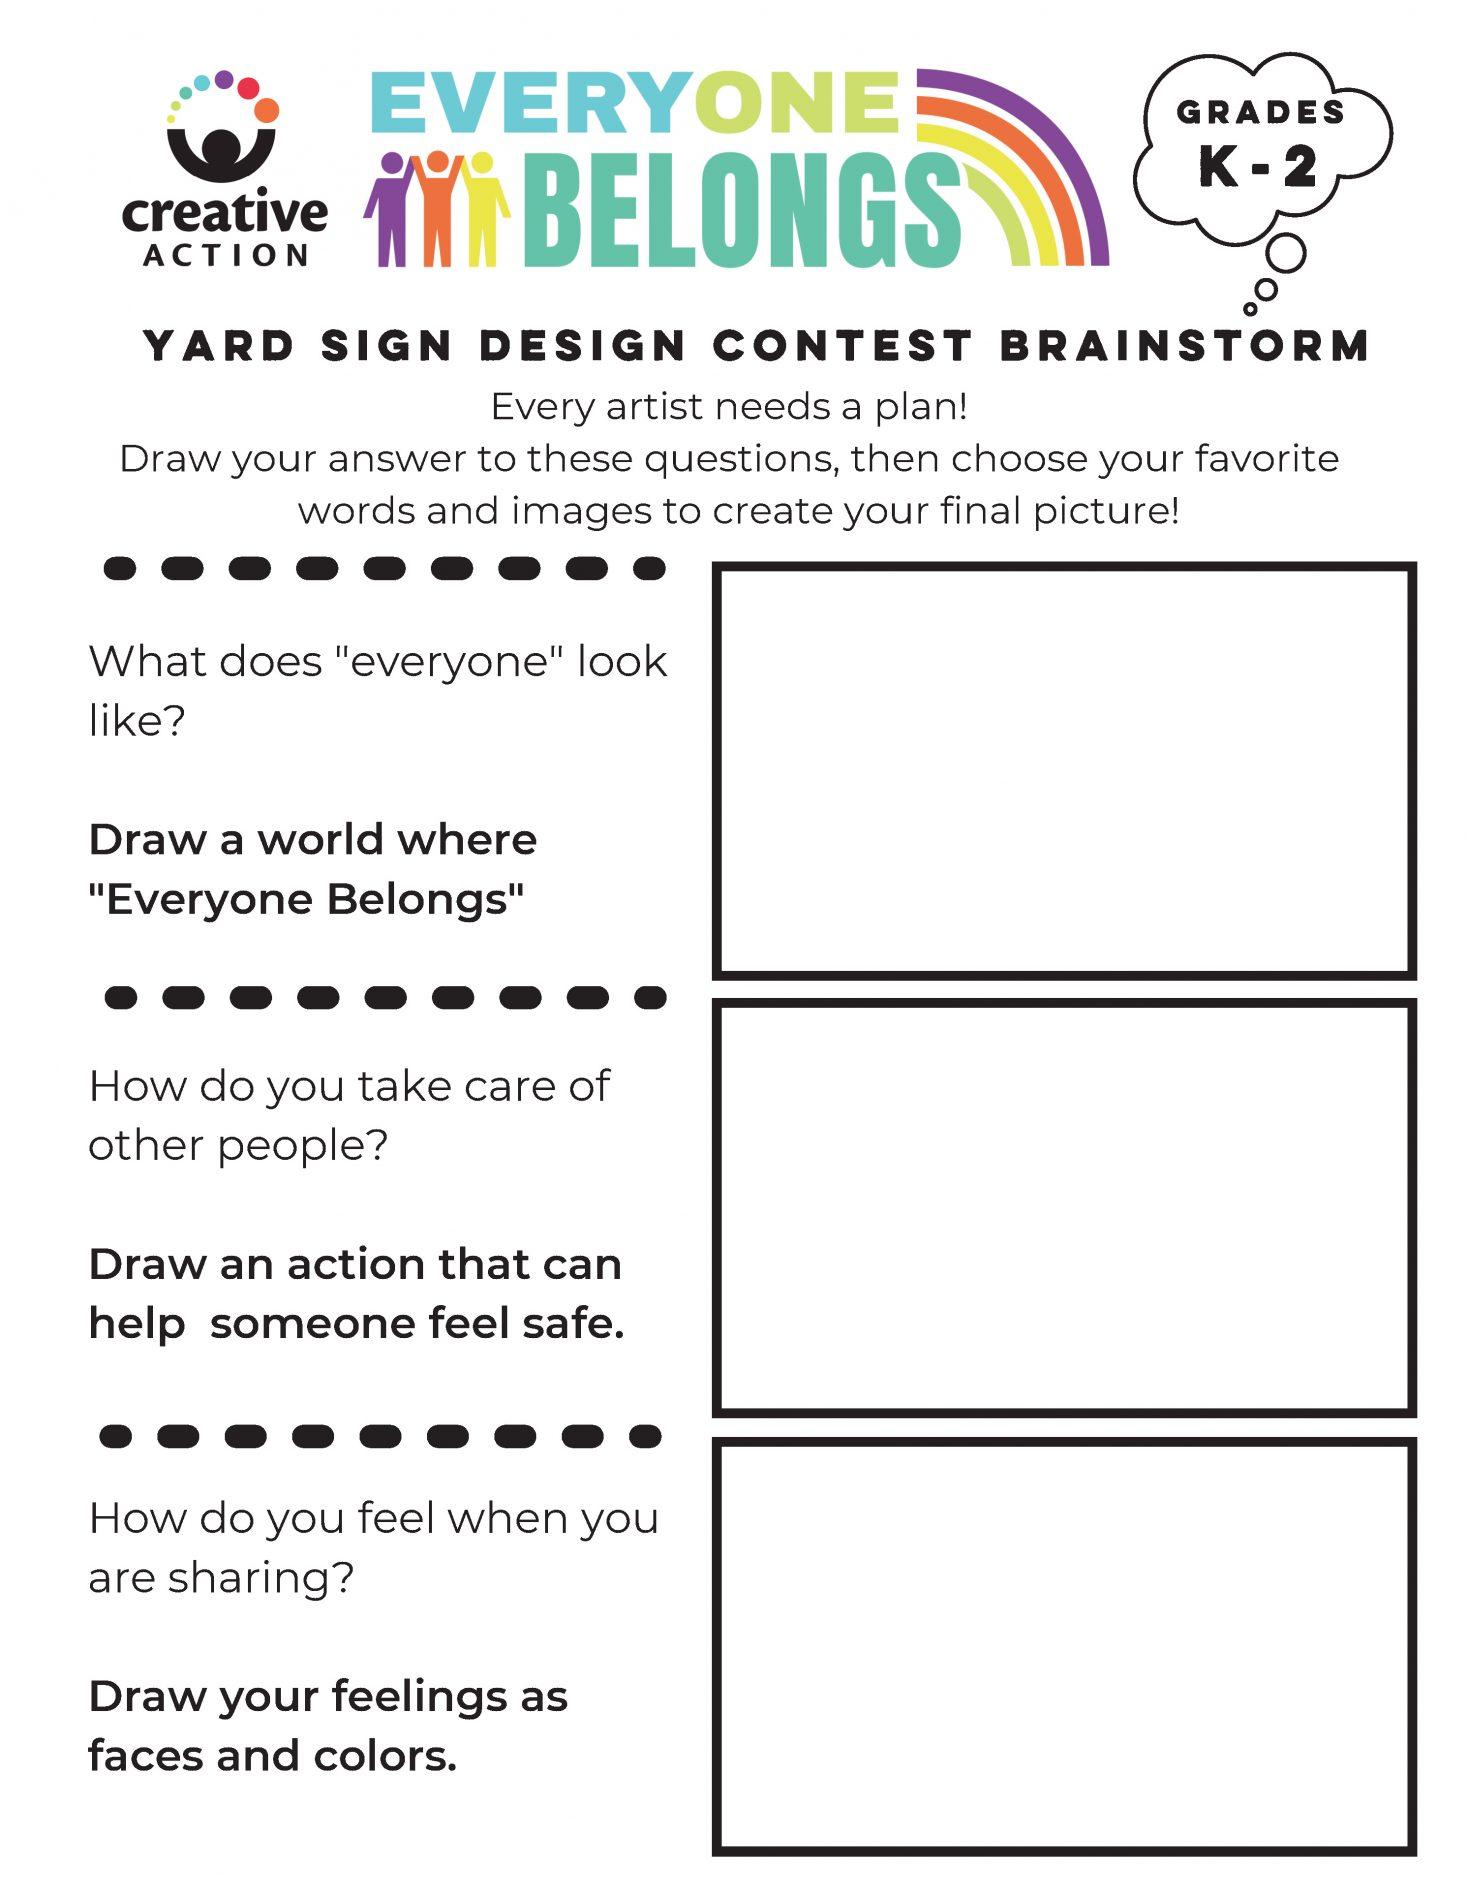 Brainstorm your yard sign worksheet for K-2nd grades